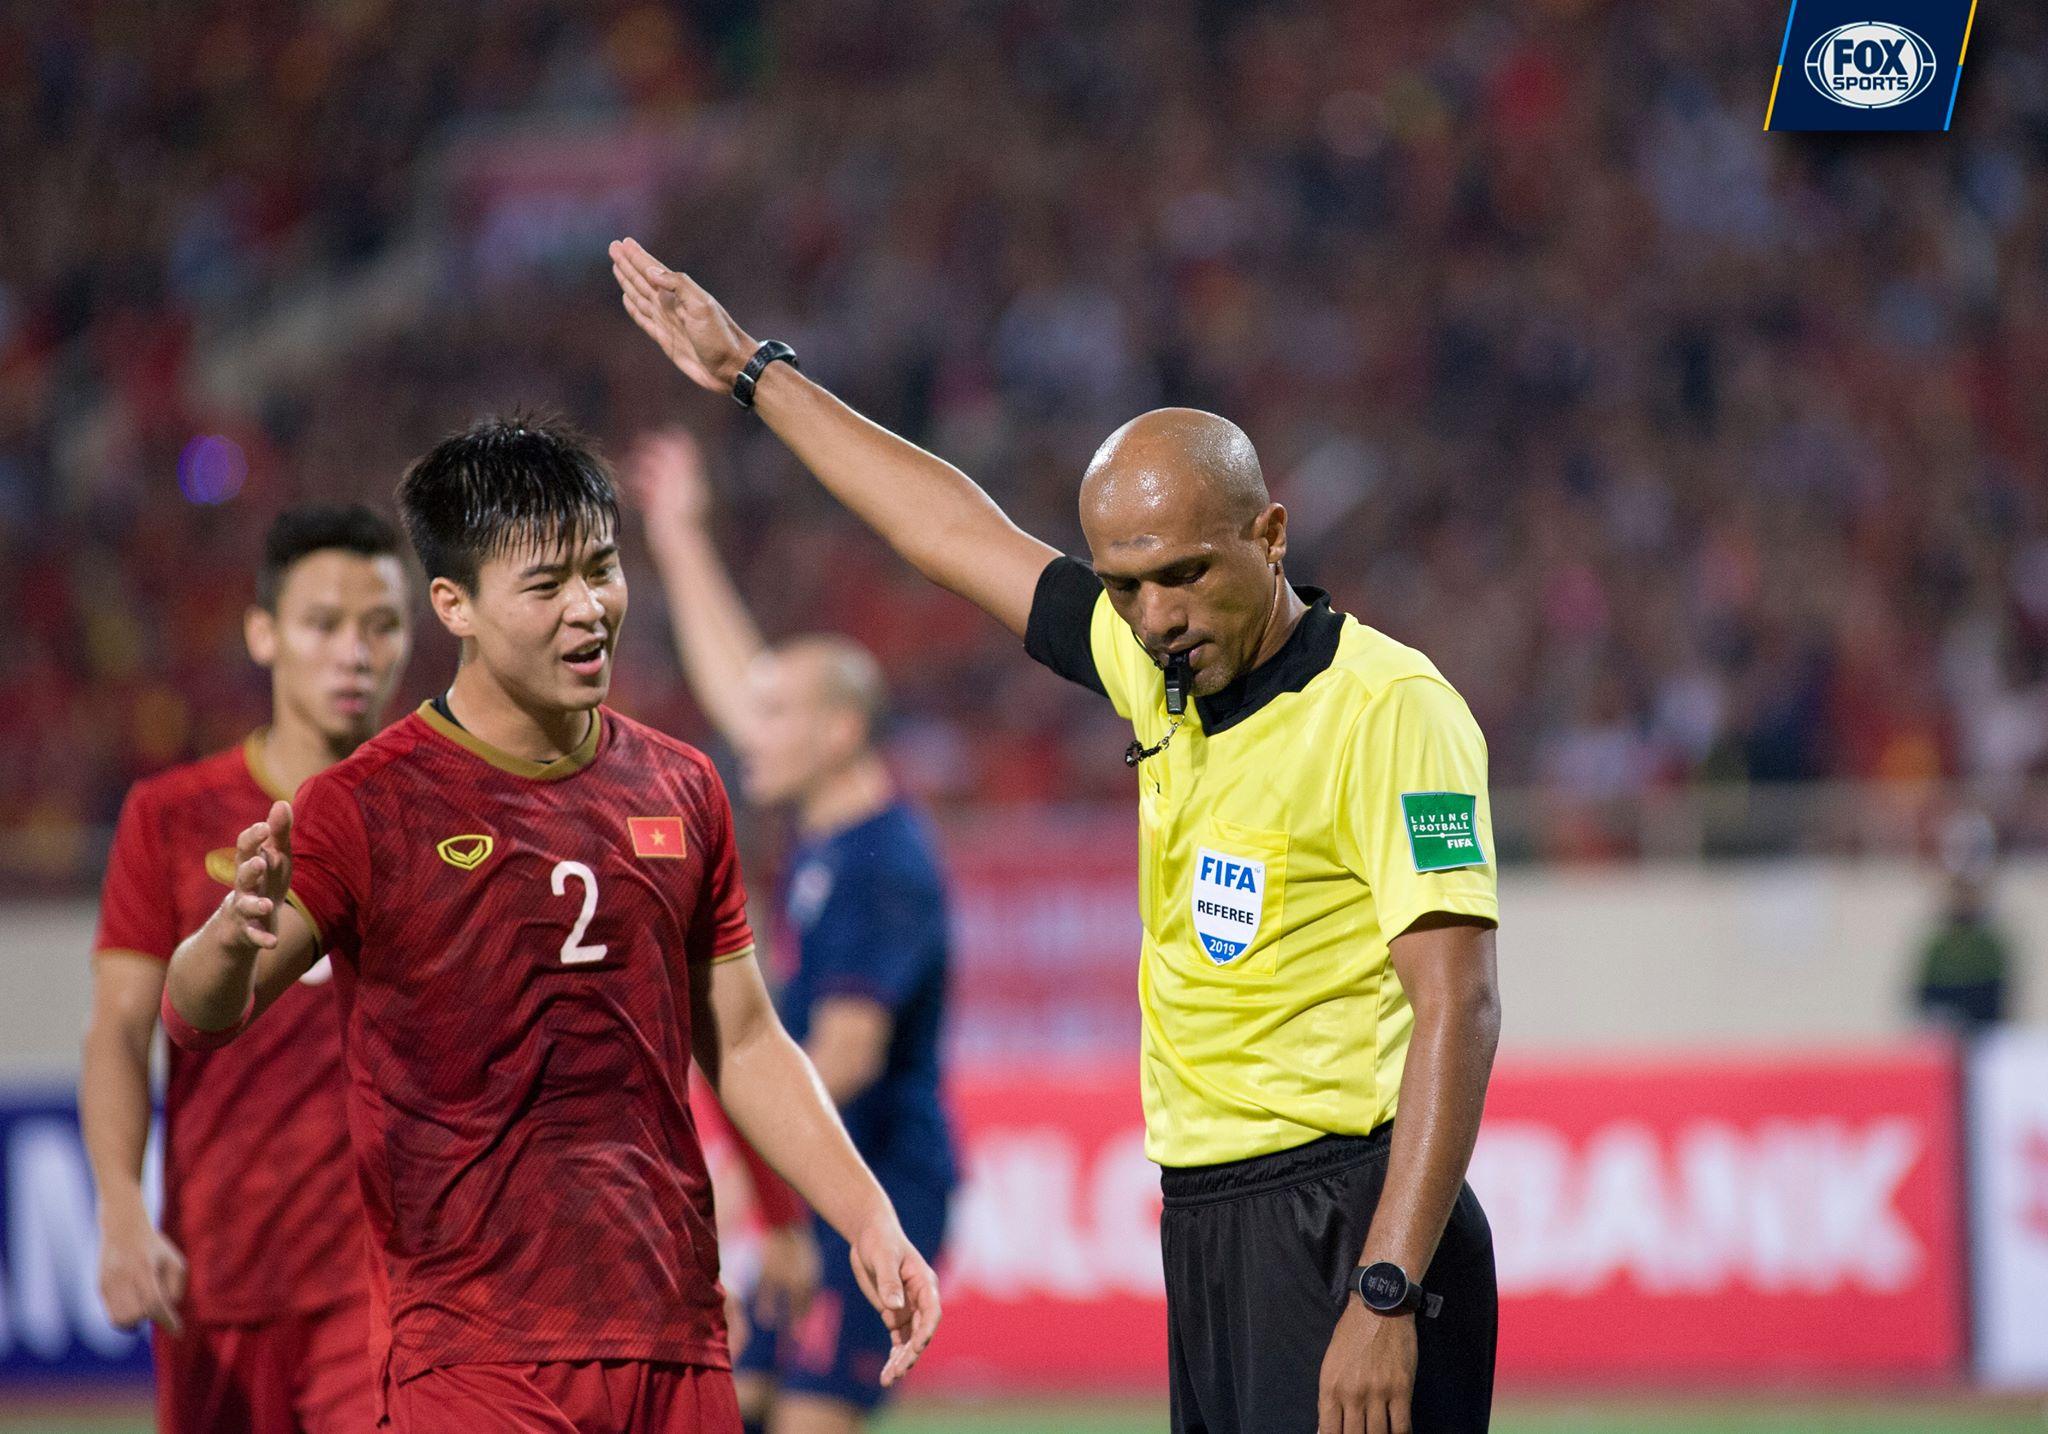 SỐC! Trọng tài Al Kaf phá vỡ im lặng sau trận Việt Nam vs Thái Lan? - Bóng Đá